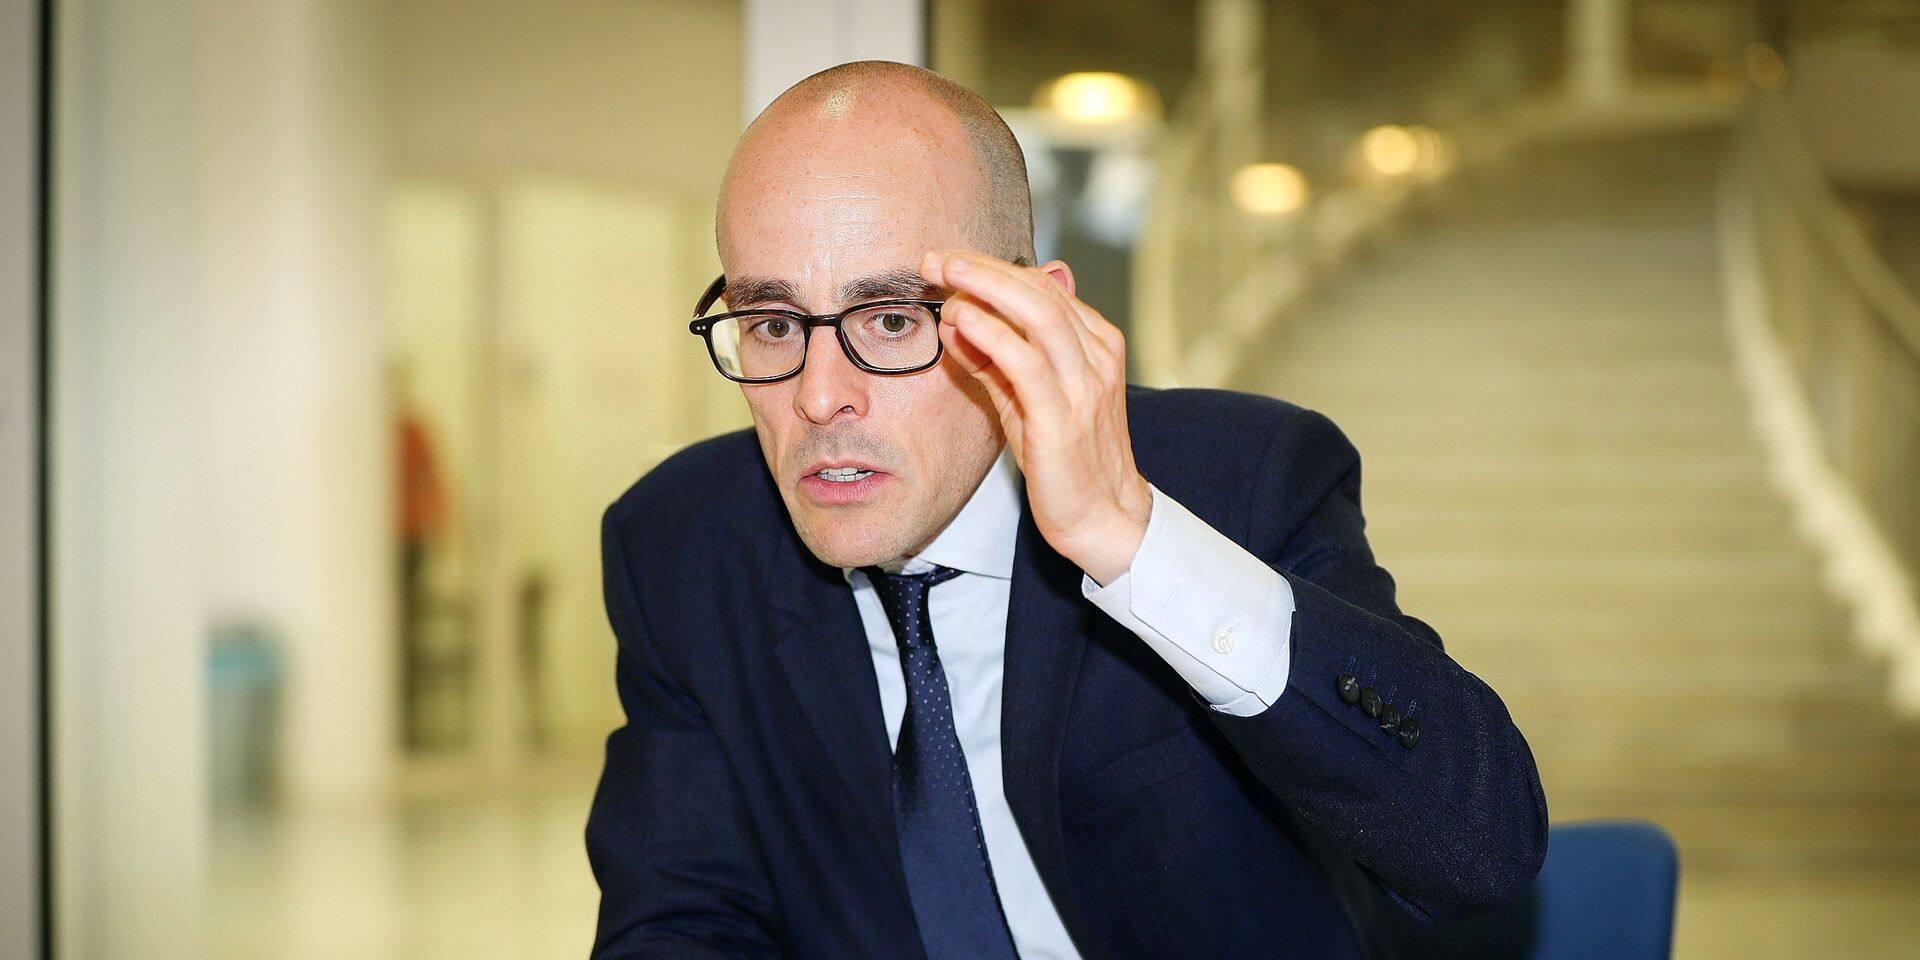 """Foires aux vins, c'est parti : """"Oui, il y a de très bonnes affaires"""", confirme Fabrizio Bucella, expert vins"""